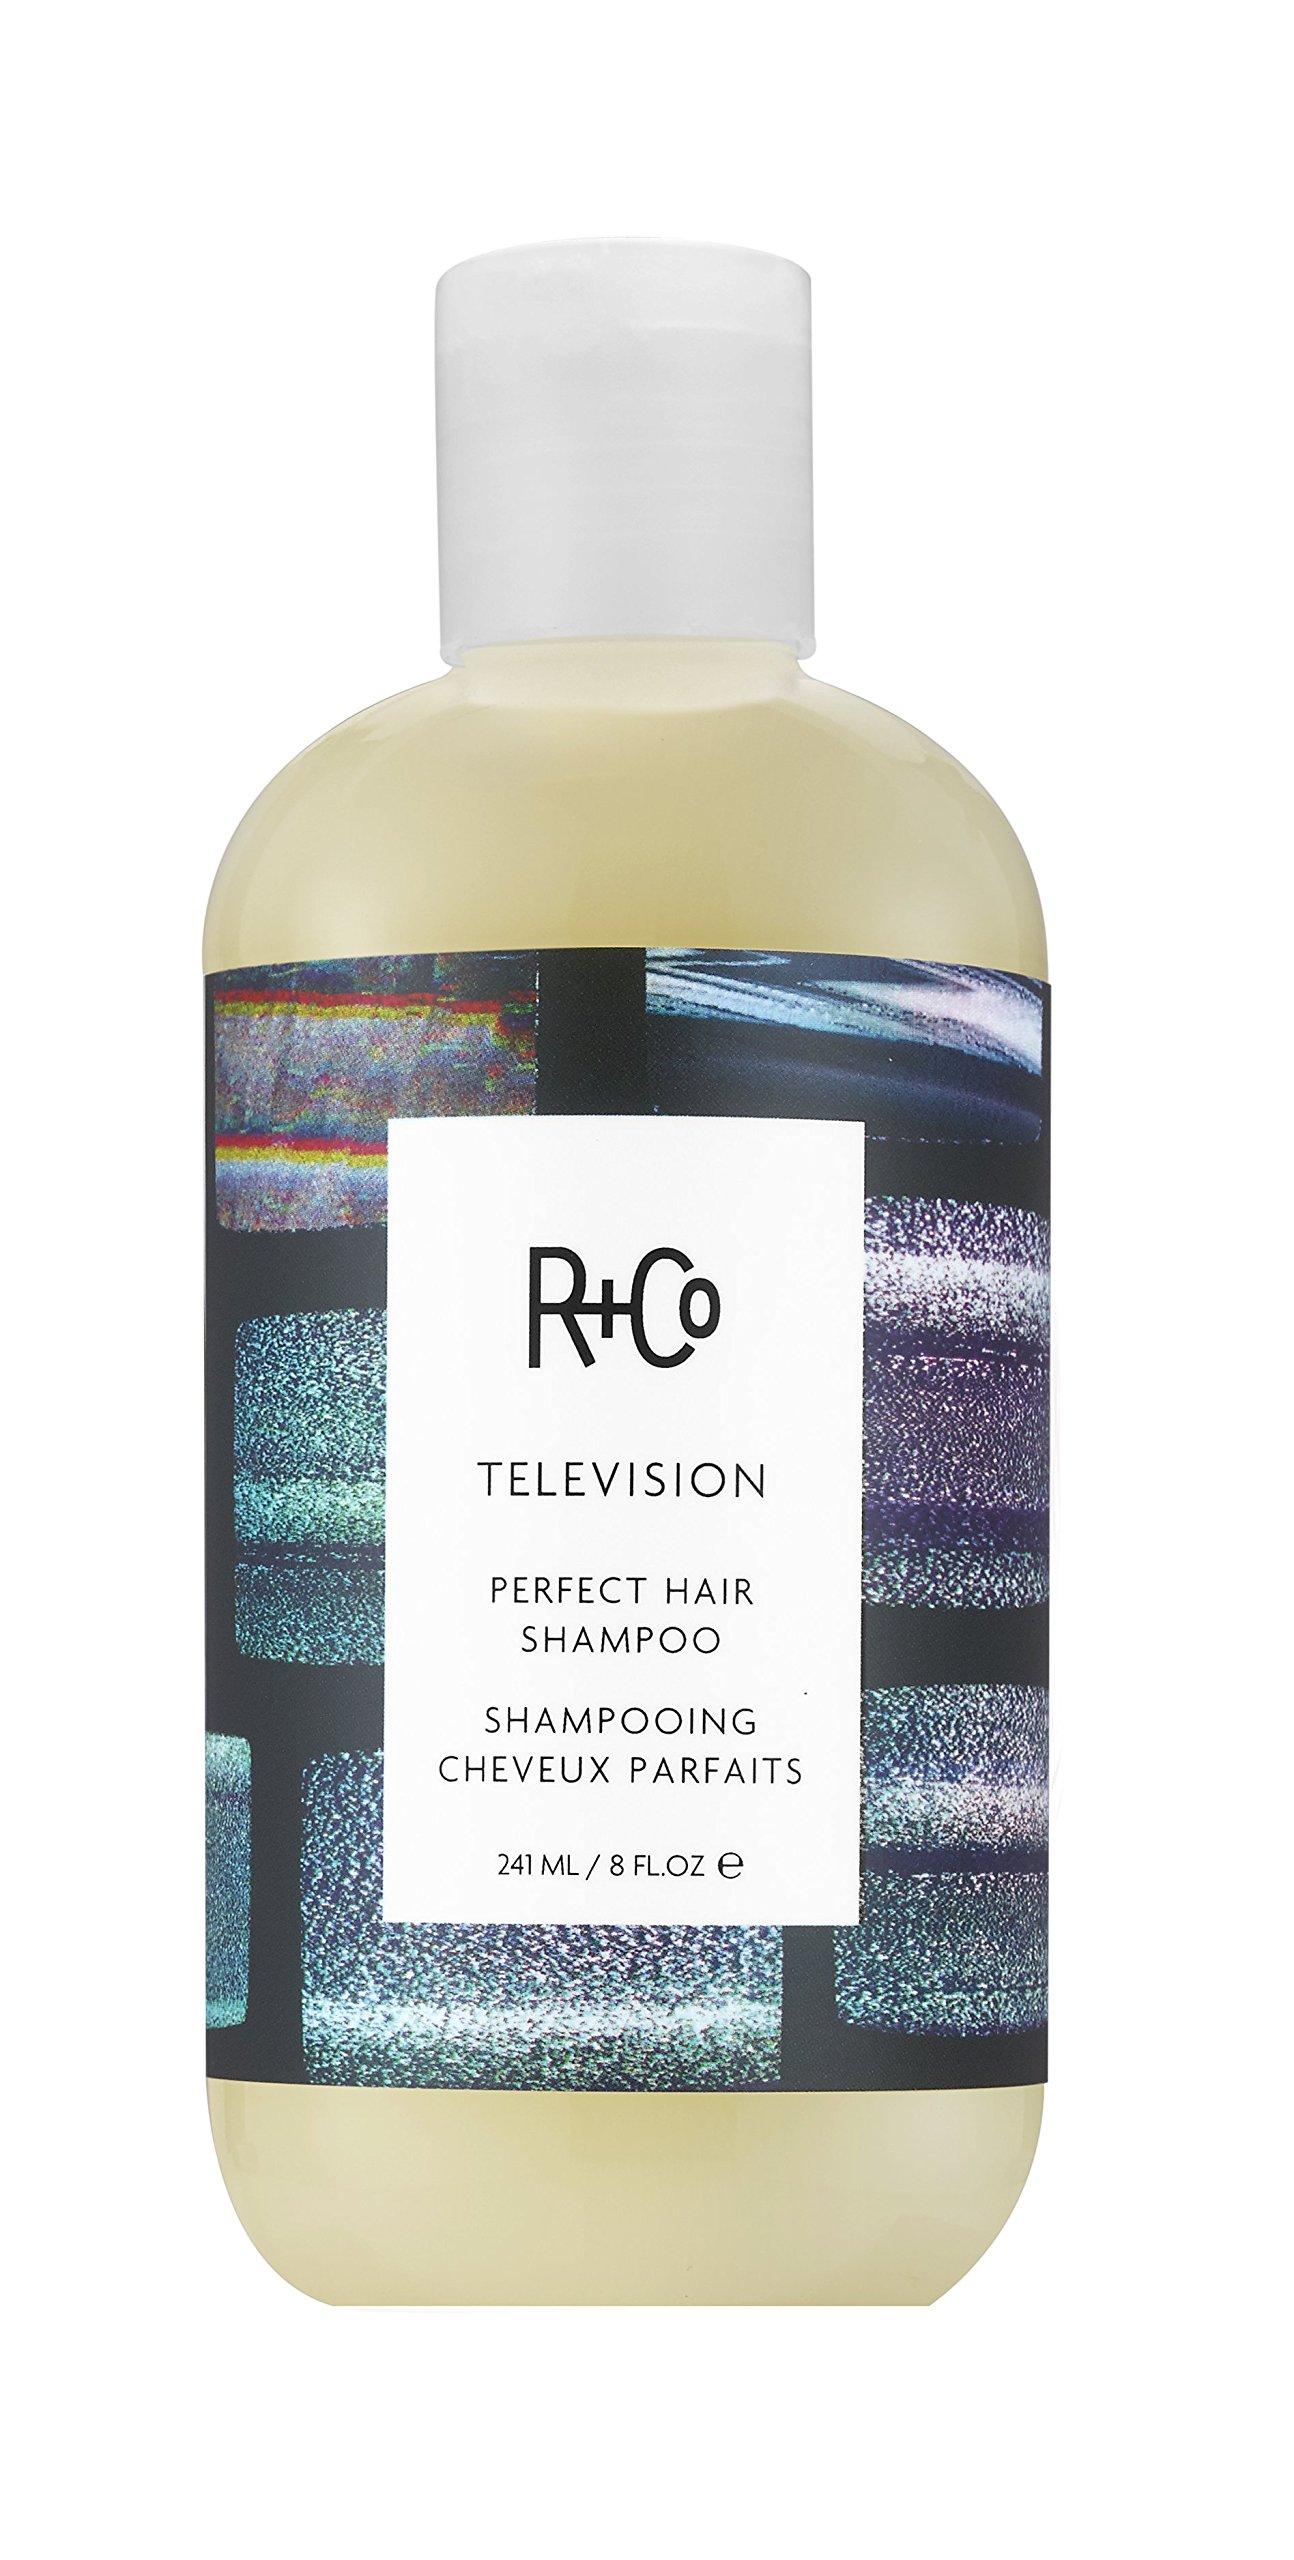 R+Co Television Perfect Hair Shampoo, 8 Fl Oz by R+Co